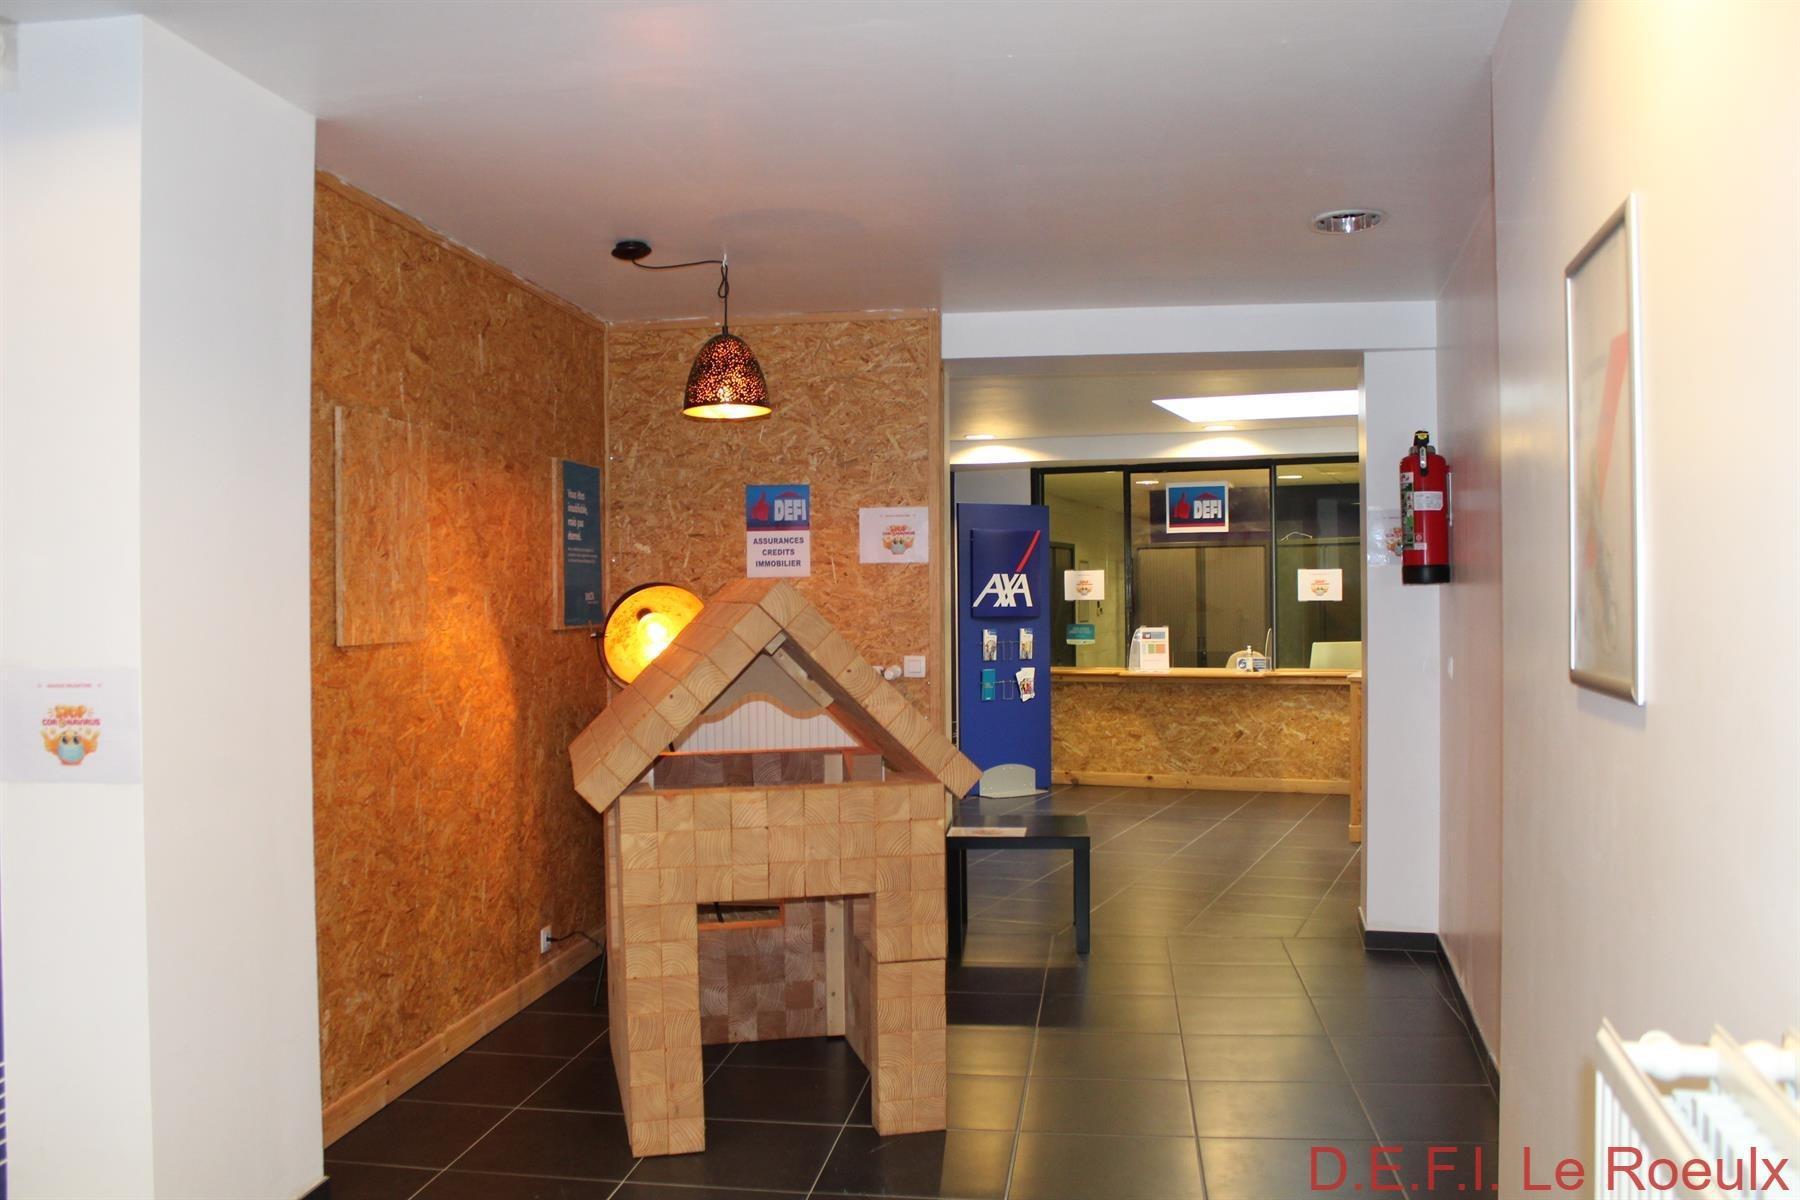 Maison - Le Roeulx - #4532261-0